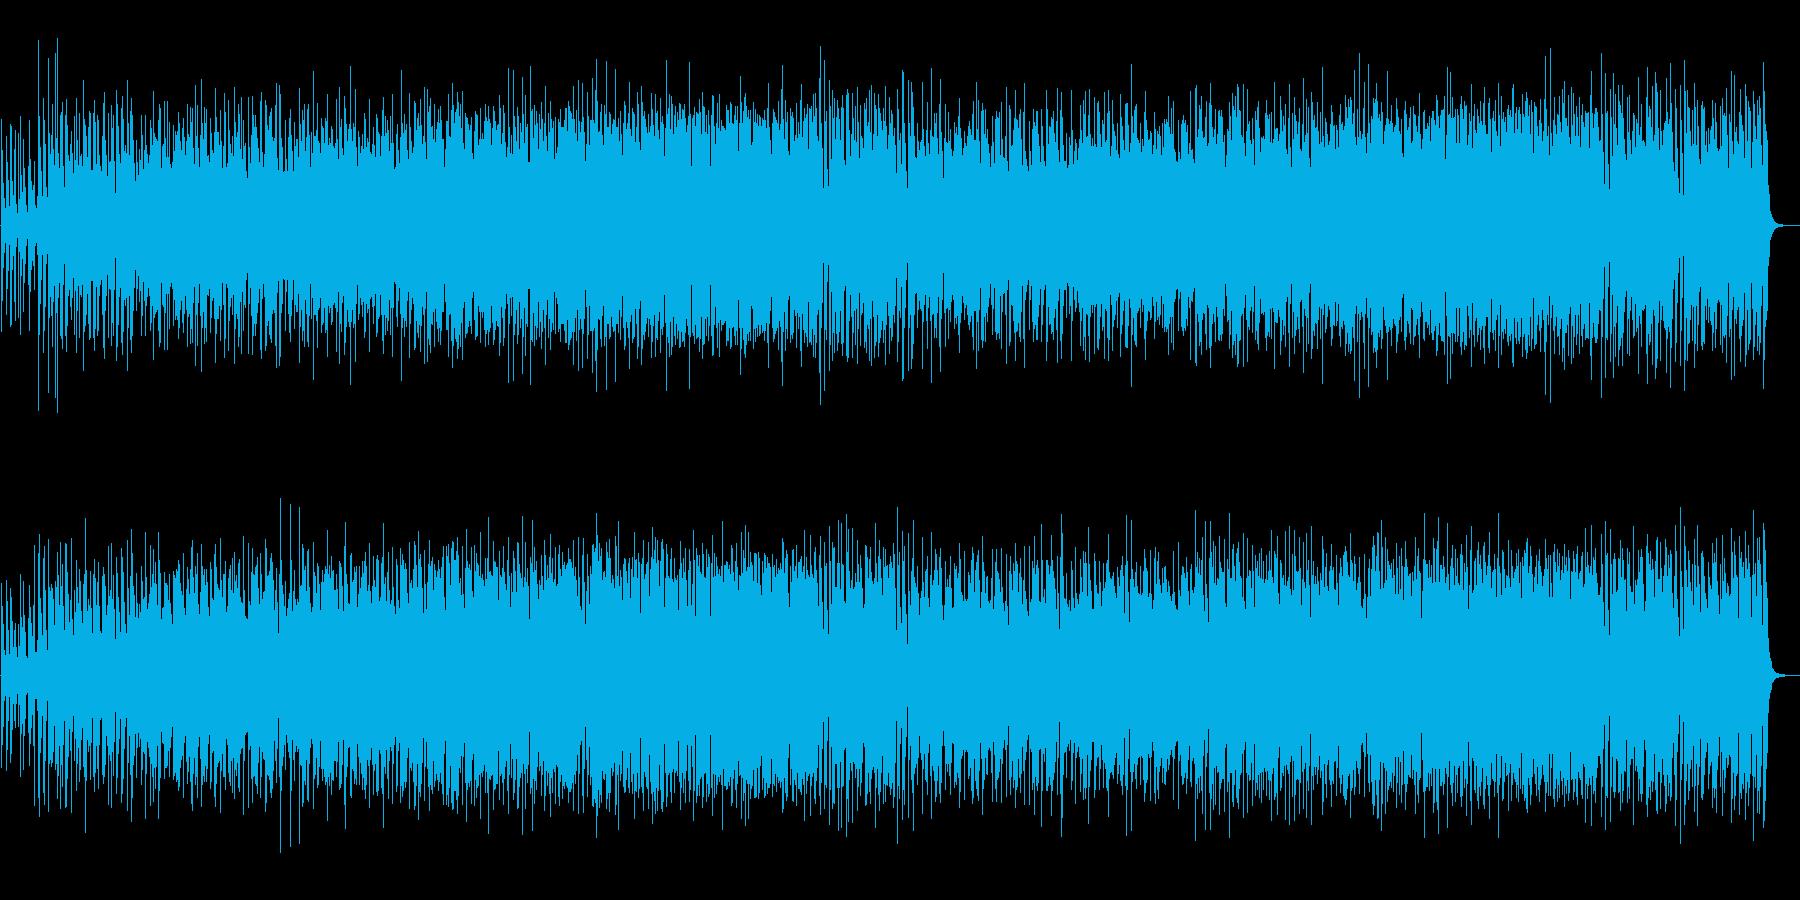 尺八!日本的で和風!陽気でハッピー!音頭の再生済みの波形